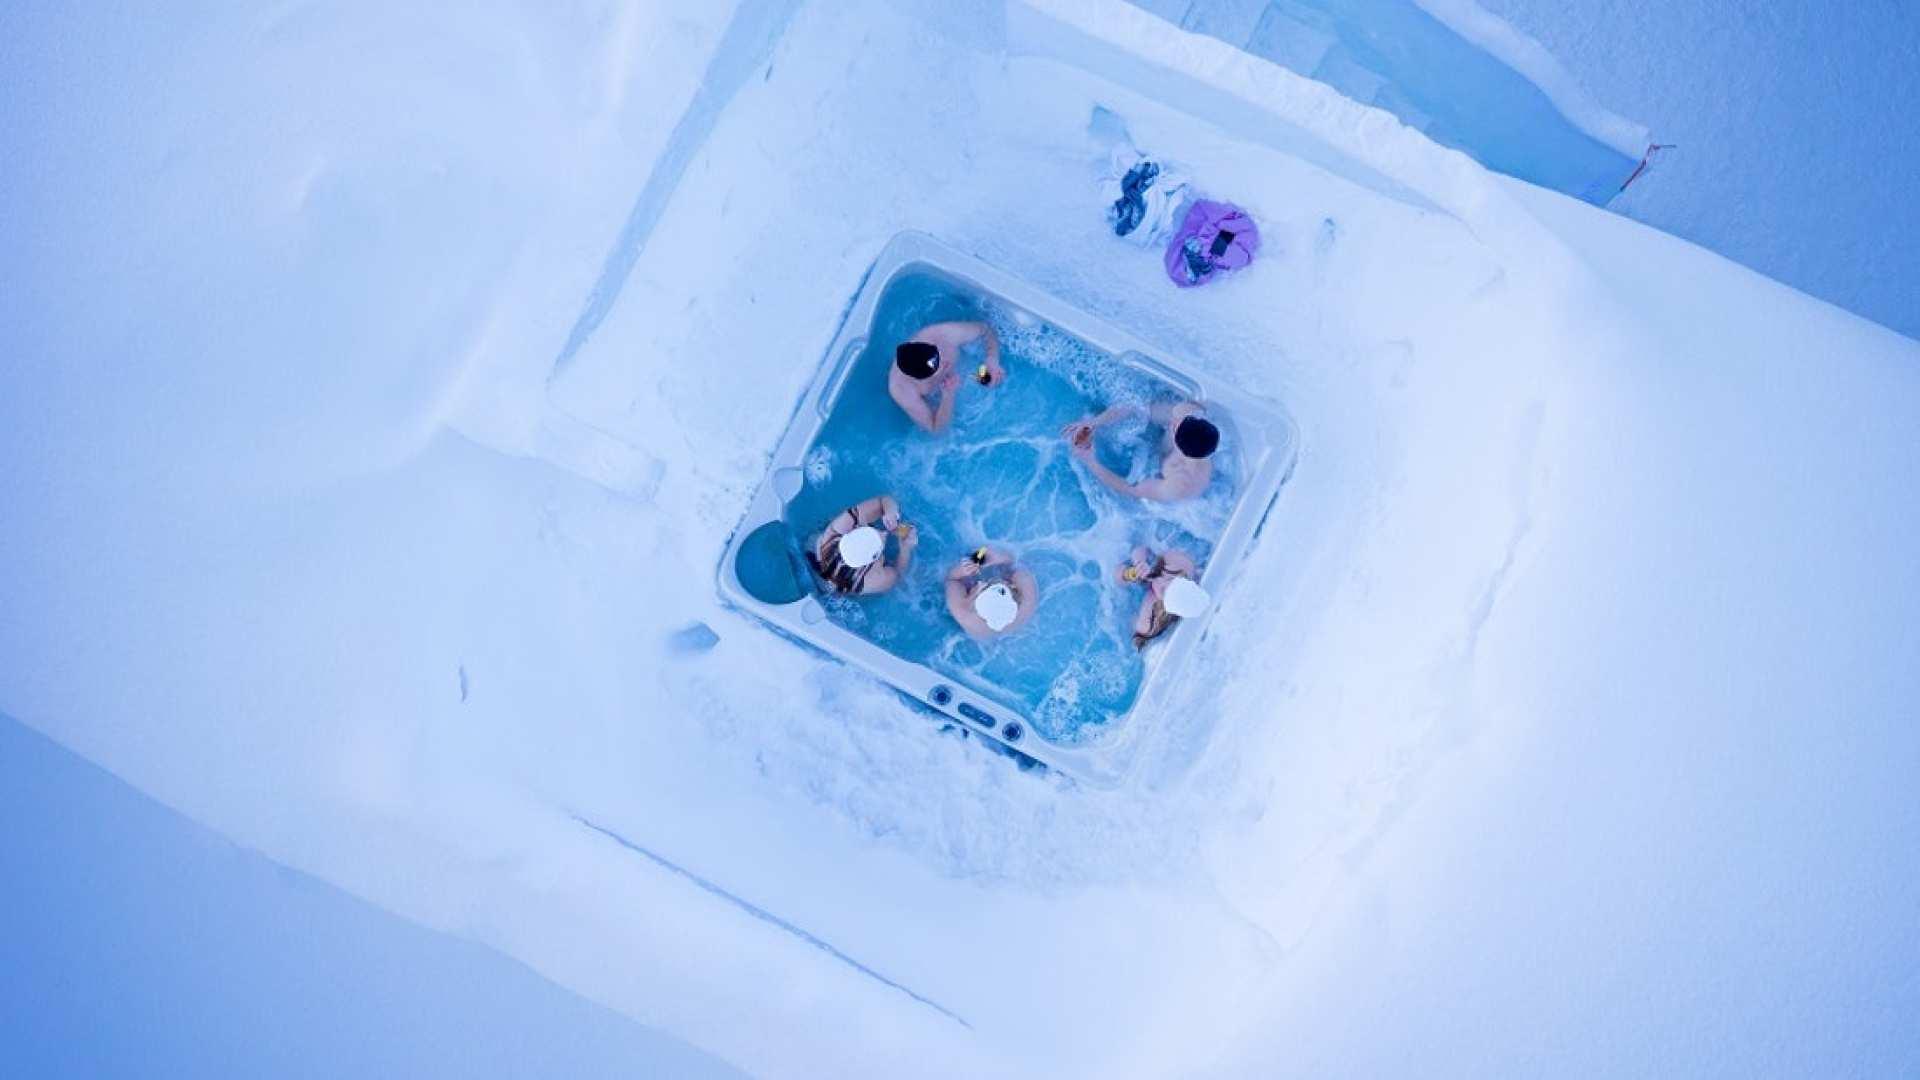 【芬蘭北極之夜】北極冰屋熱桑拿+野外湯浴賞極光+歐納斯原始森林山頂賞極光(含鮭魚晚餐)